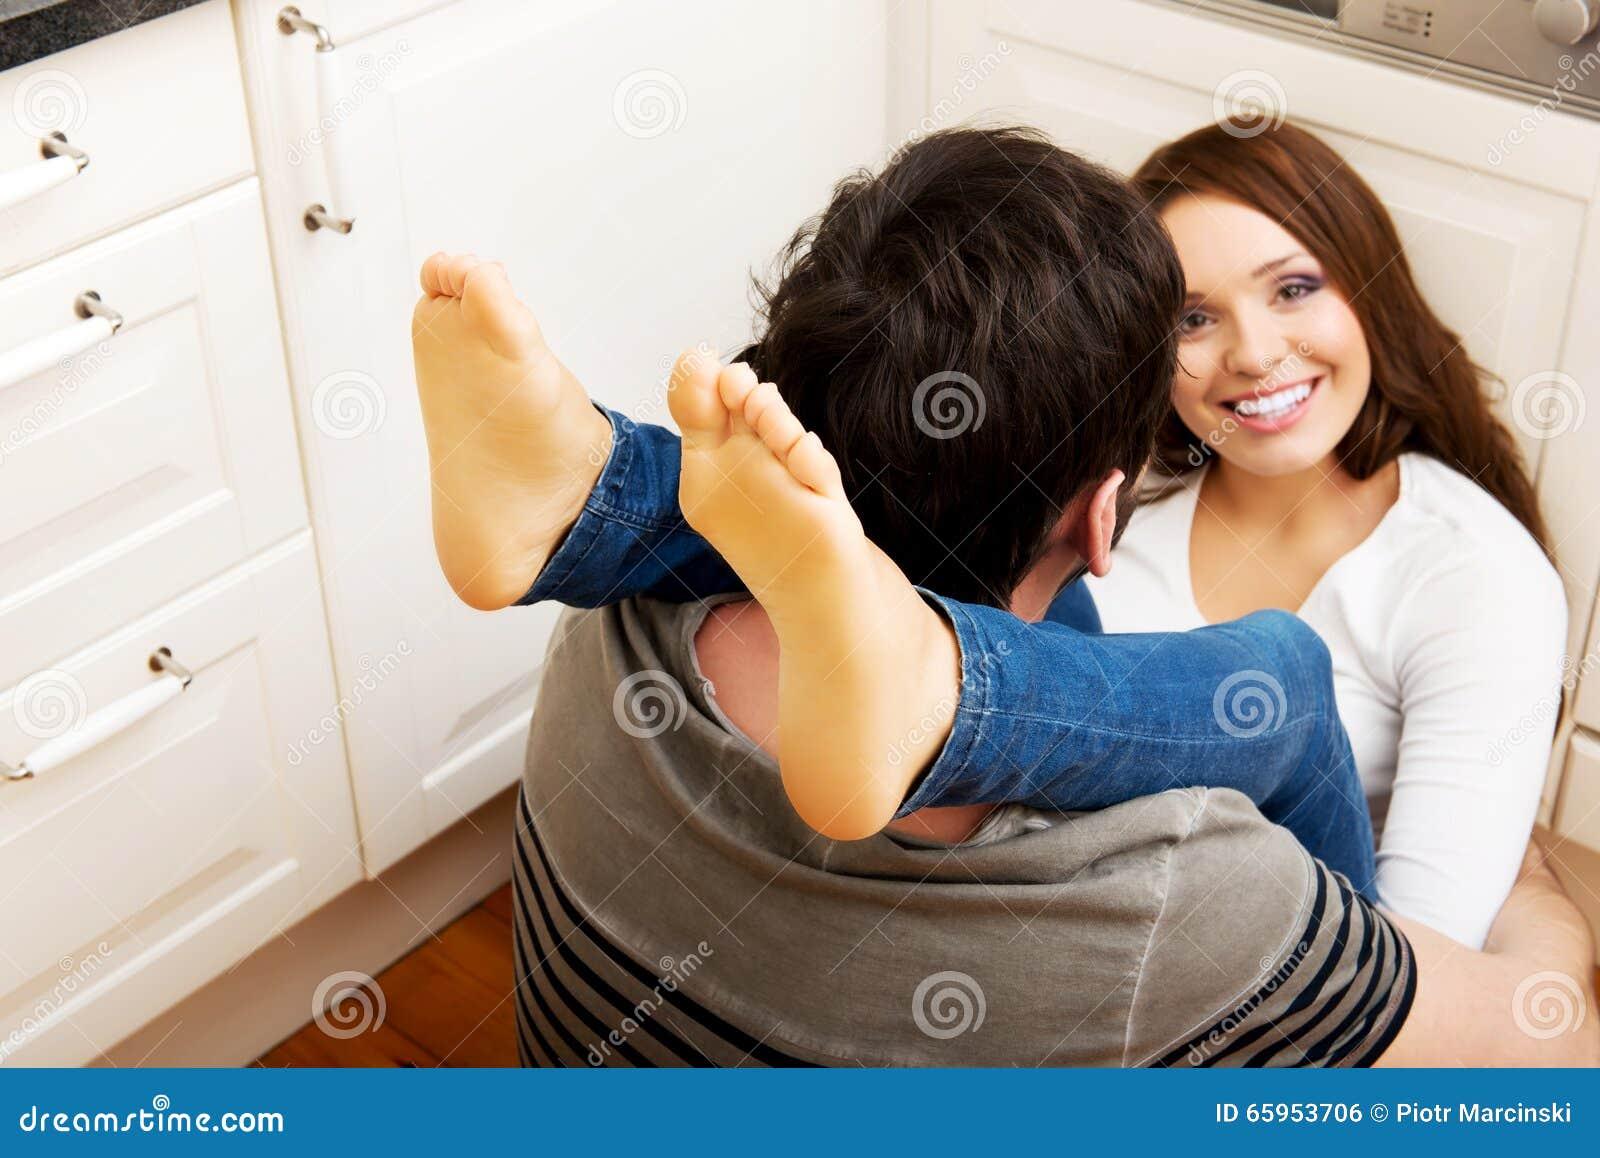 库存照片: 拥抱在厨房里的浪漫夫妇图片